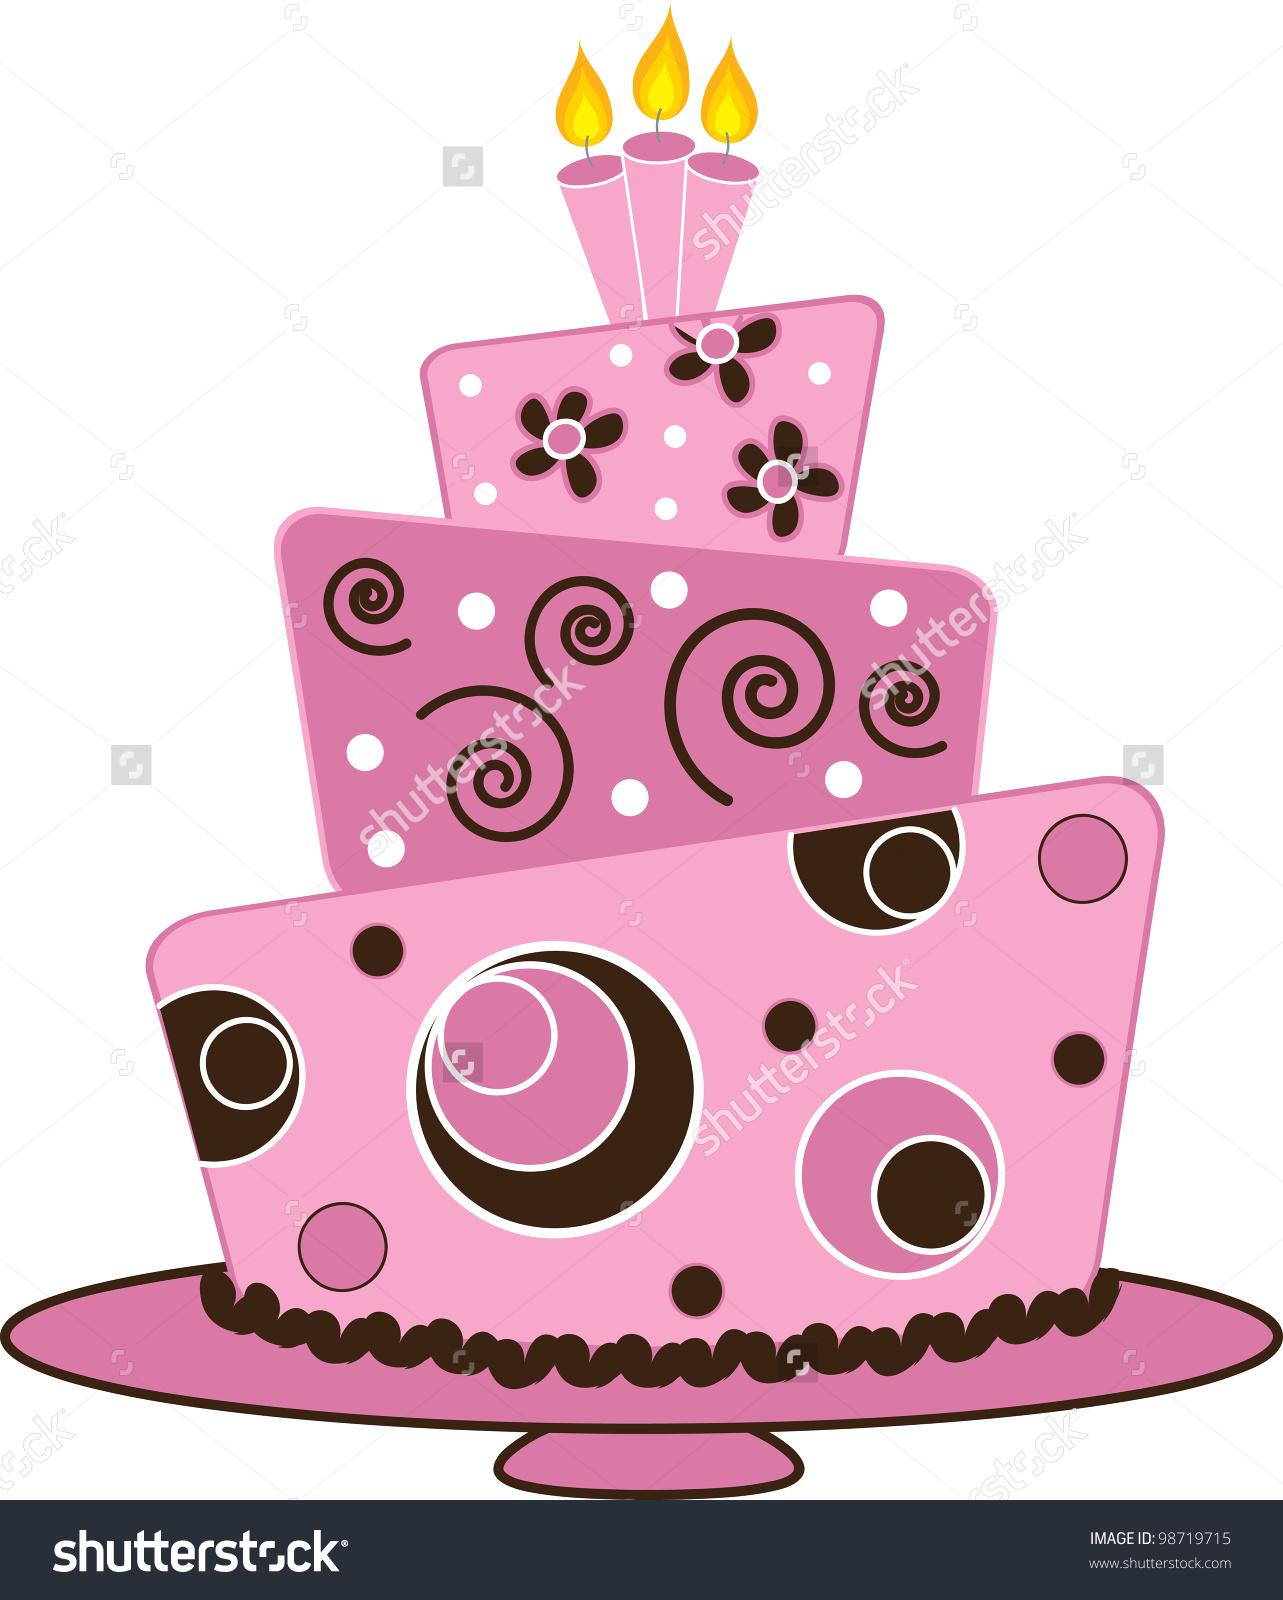 Cake clipart fancy cake Stock Art Layered Illustration art